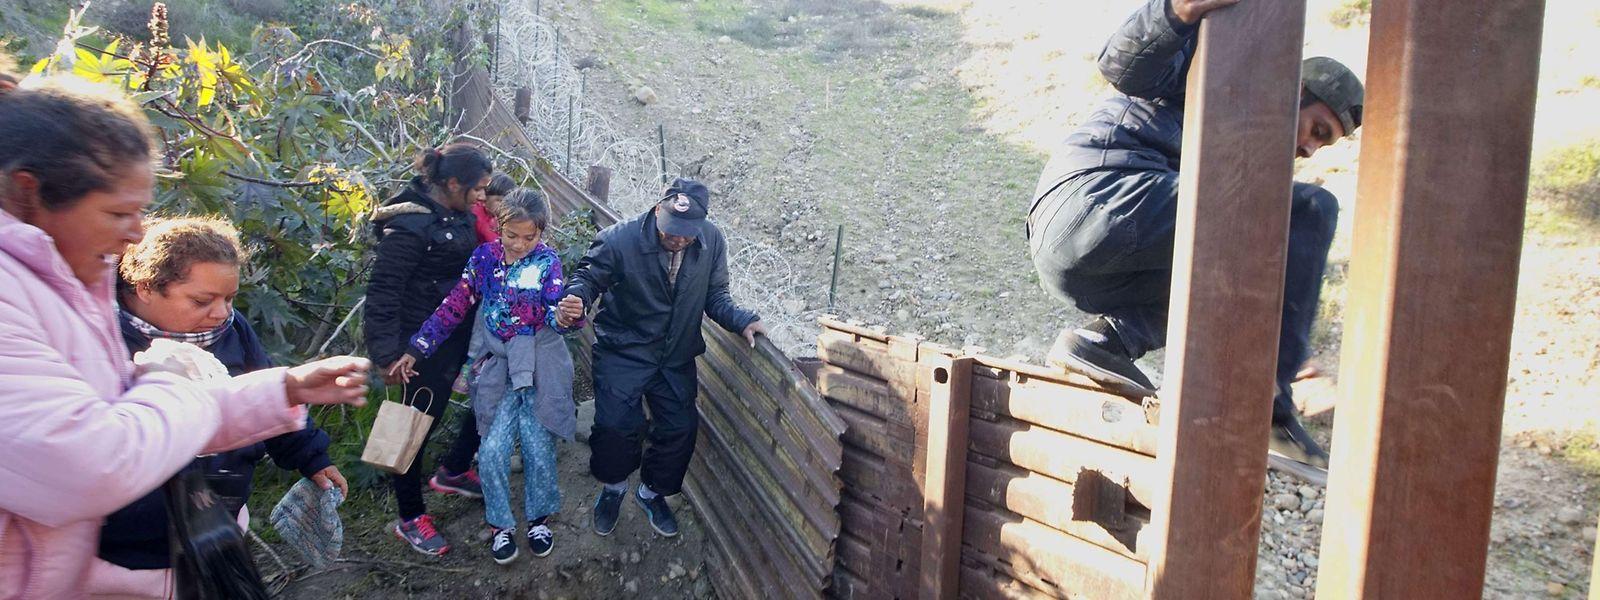 Des migrants en provenance du Honduras escaladent la barrière à la frontière entre le Mexique et les Etats-Unis.